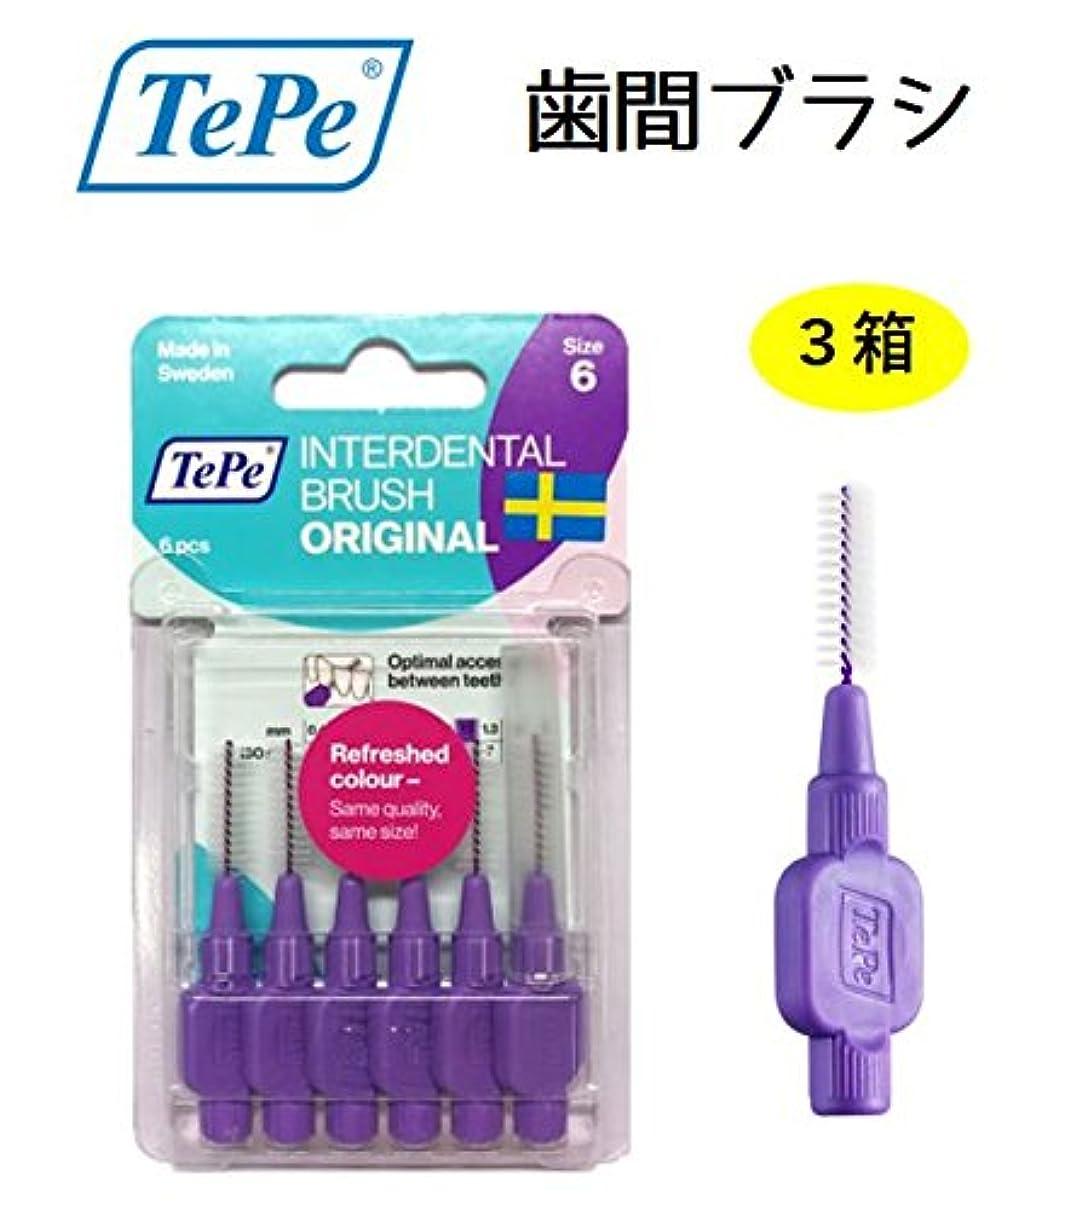 以降が欲しいジムテペ 歯間プラシ 1.1mm ブリスターパック 3パック TePe IDブラシ